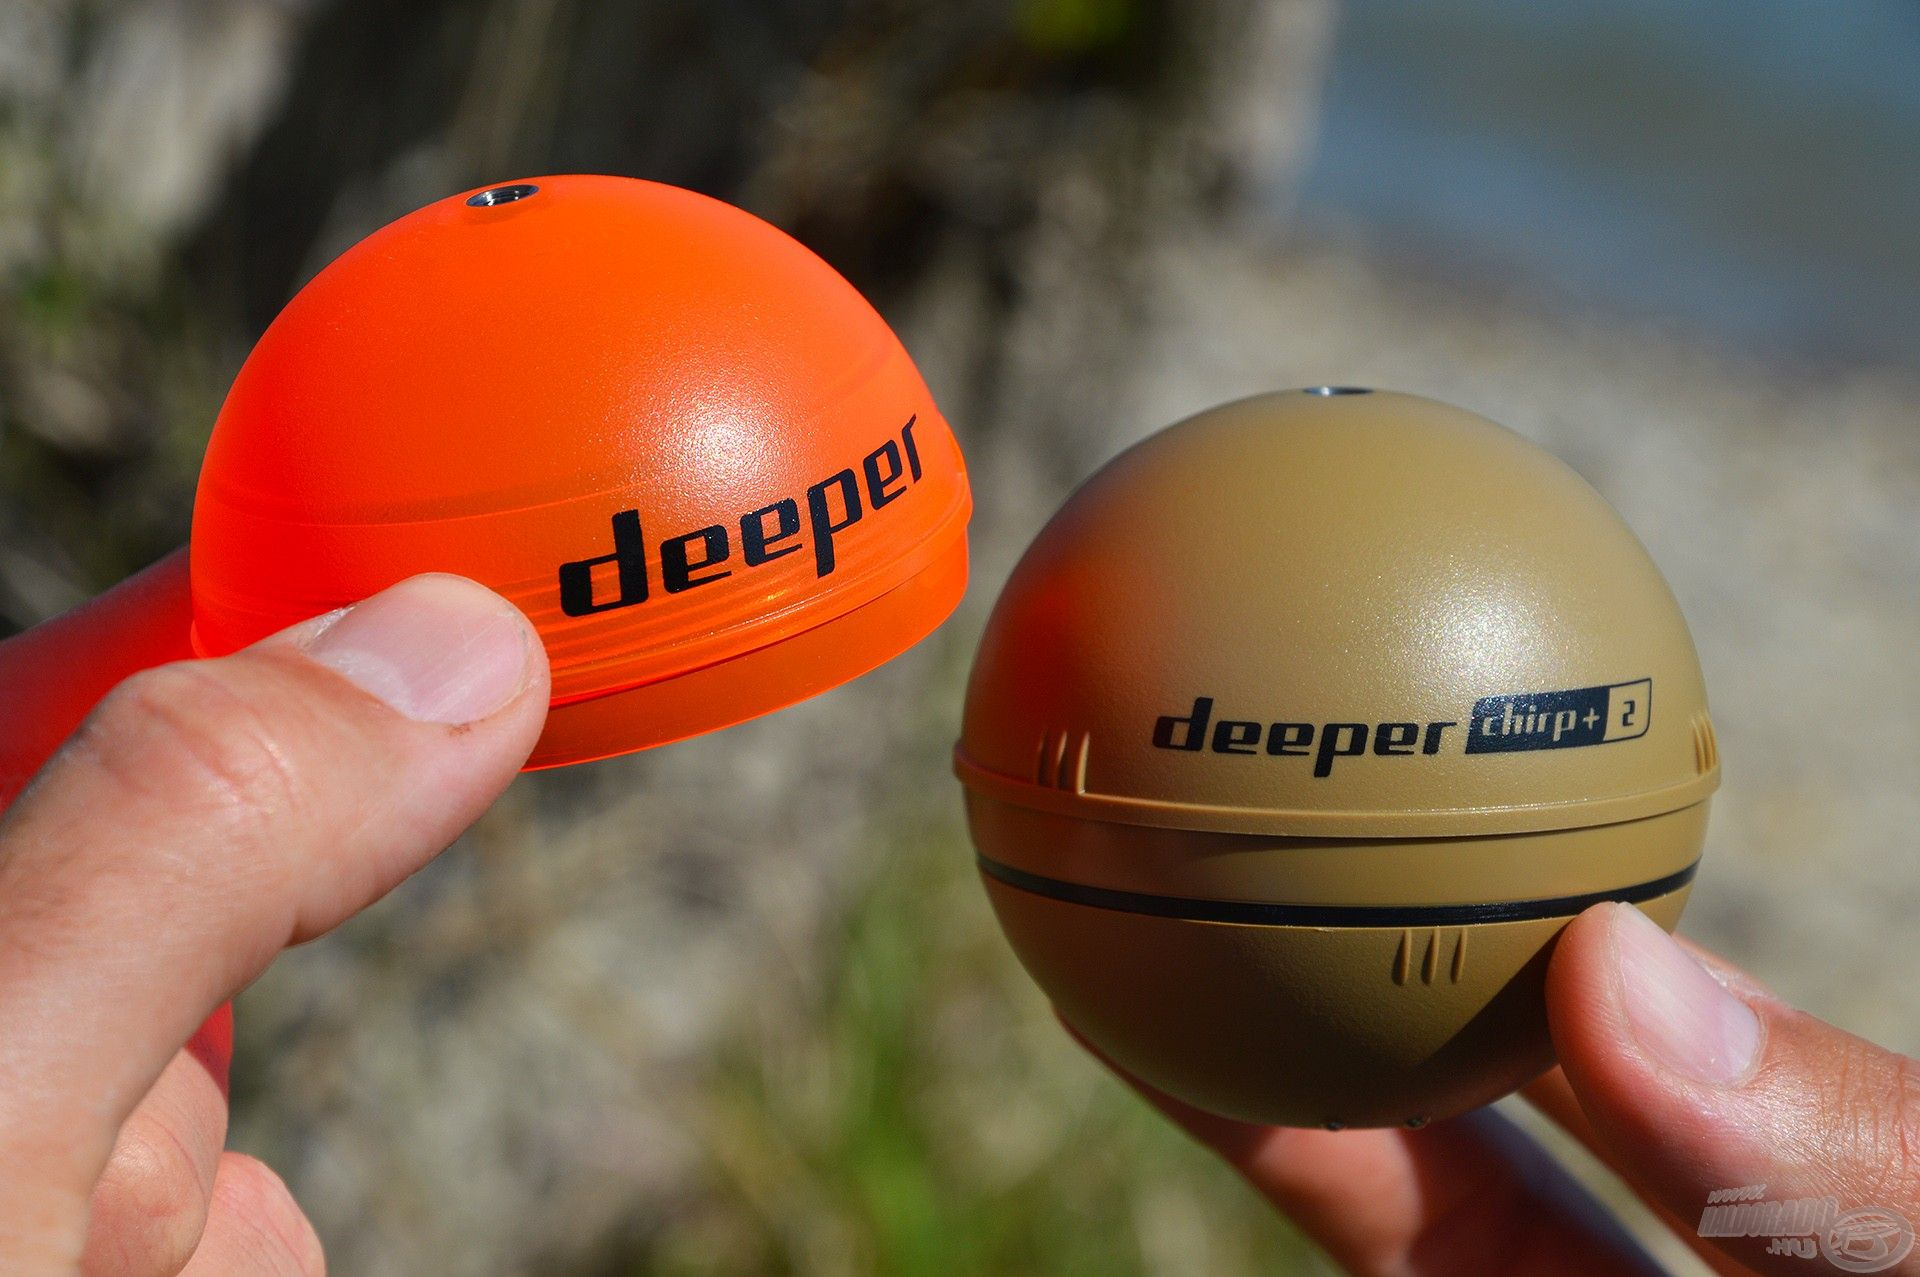 A Deeper Chirp+ 2 radarhoz gyárilag tartozik egy neon narancssárga éjszakai burkolat